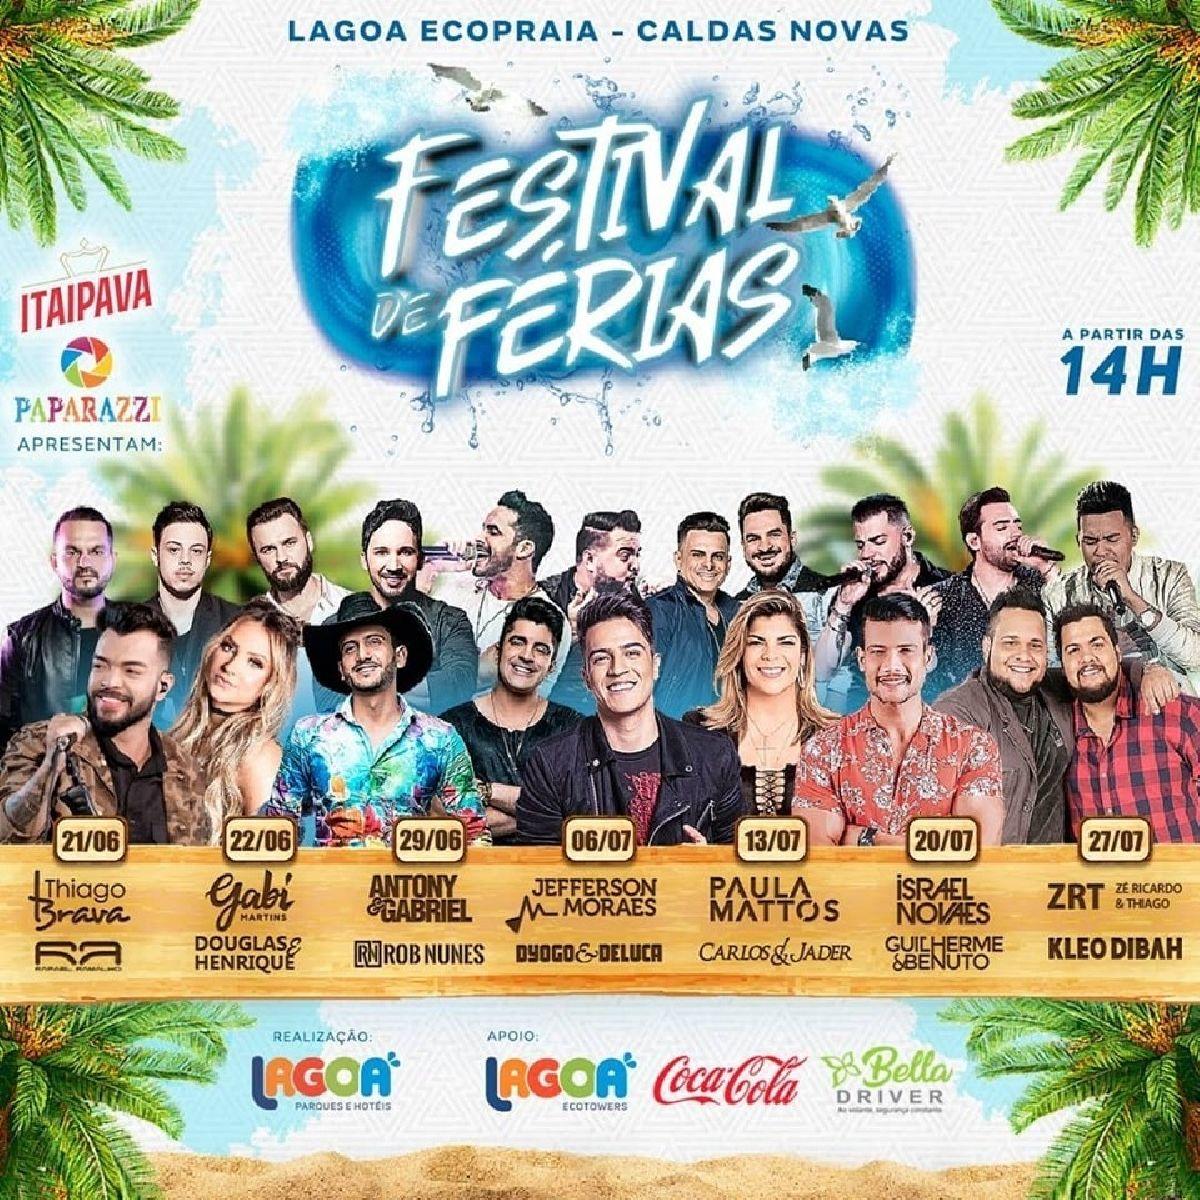 BELLA DRIVER APOIA FESTIVAL DE FÉRIAS, MAIOR EVENTO MUSICAL DE CALDAS NOVAS